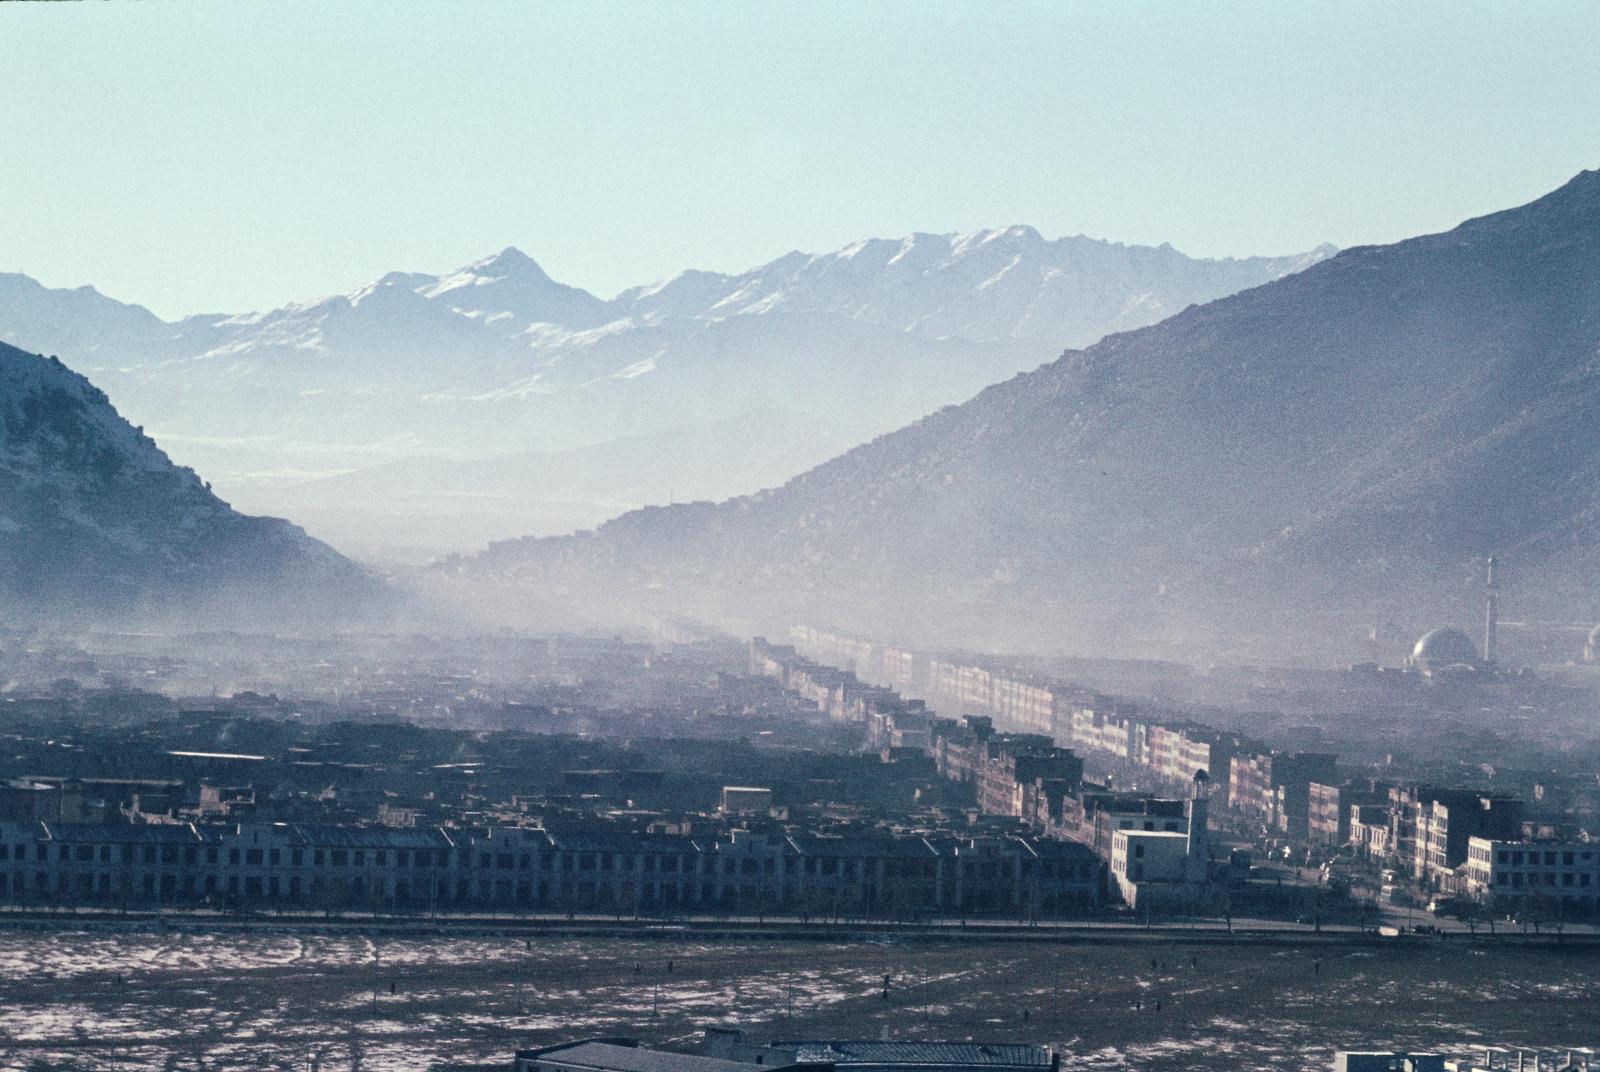 A031382-R1-04-5_Kabul-4.jpg